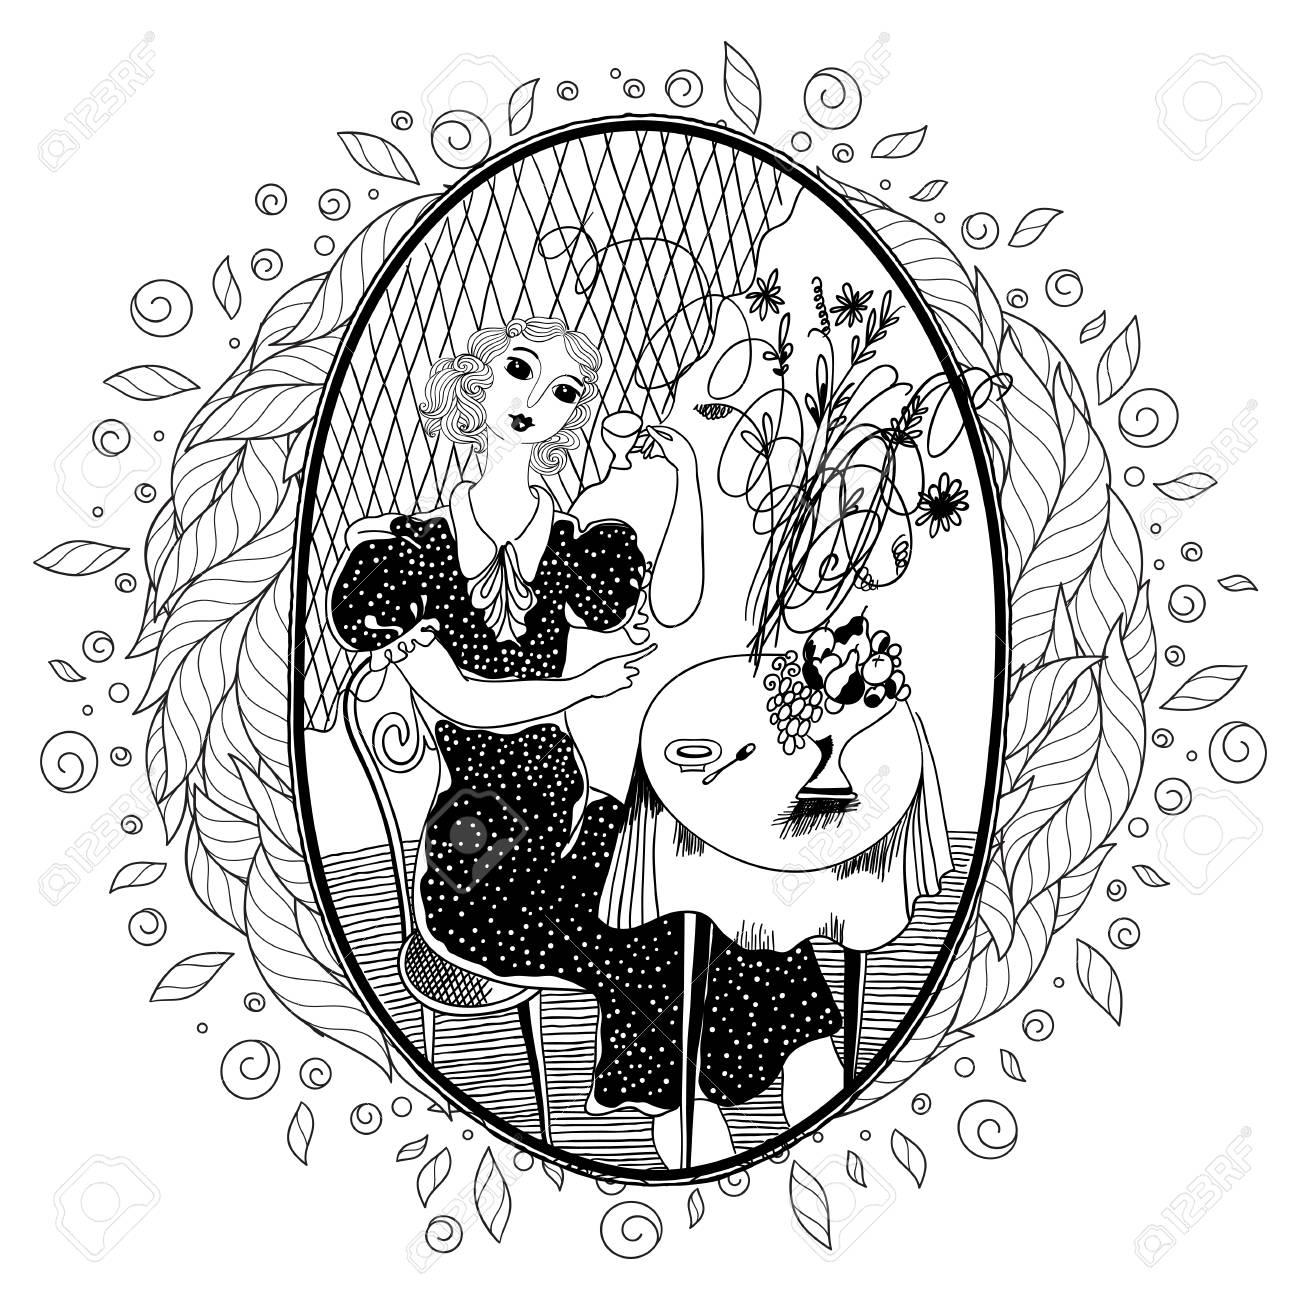 Patrón Para Colorear Libro Para Adultos Chica Vintage Bebiendo Café En Un Café En El Verano Conjunto De Ilustraciones